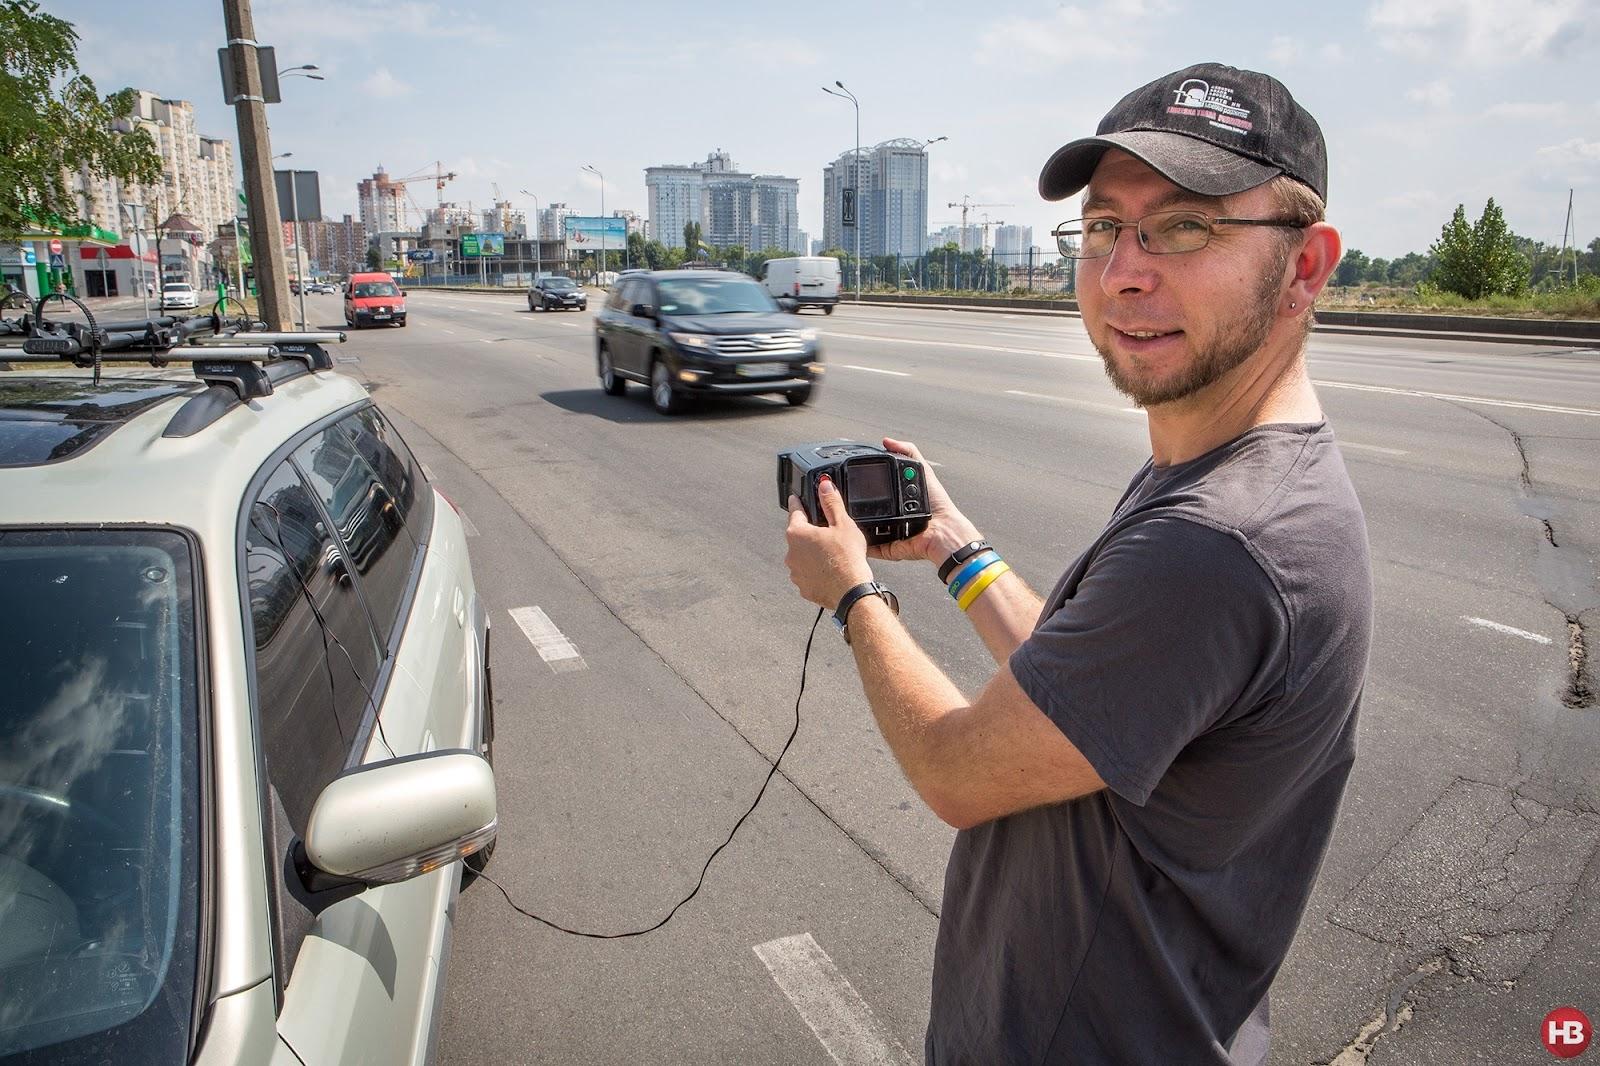 НЕУДЕРЖИМЫЕ: Виктор Загреба с помощью спецприбора доказывает, что скоростной режим в Киеве нарушают многие